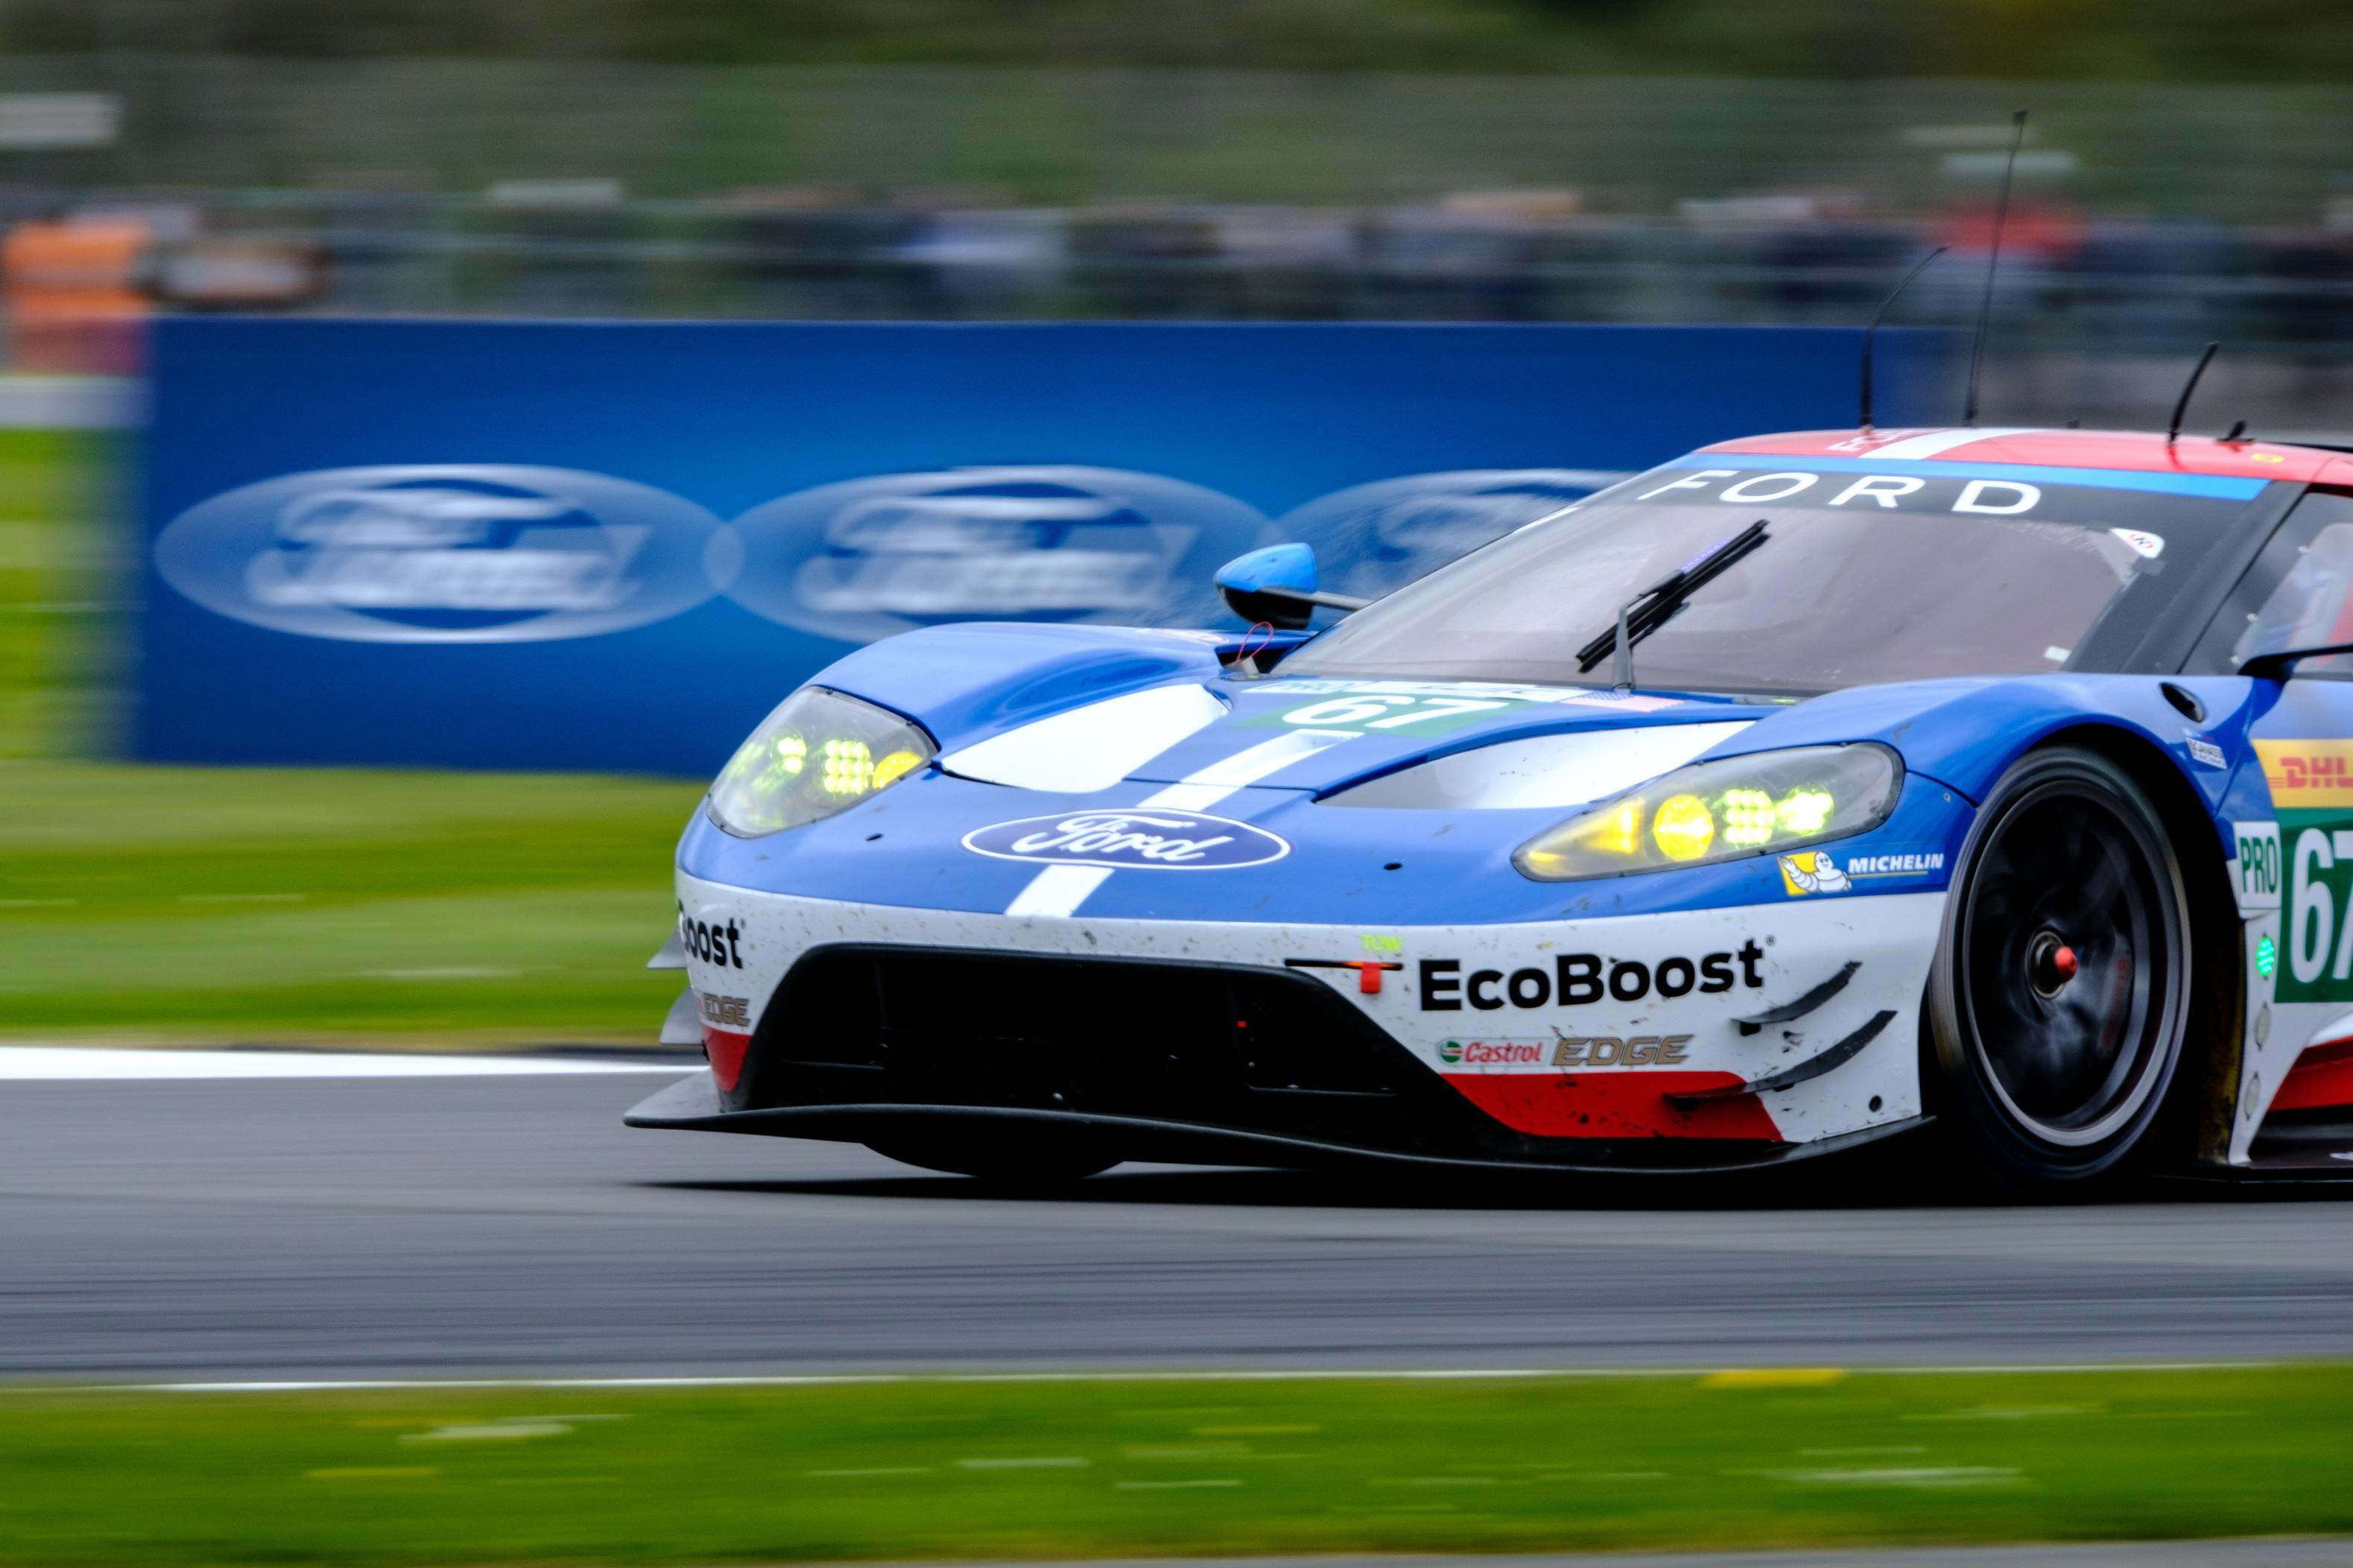 Ford wint opvallend de LMGTE Pro classe in Silverstone